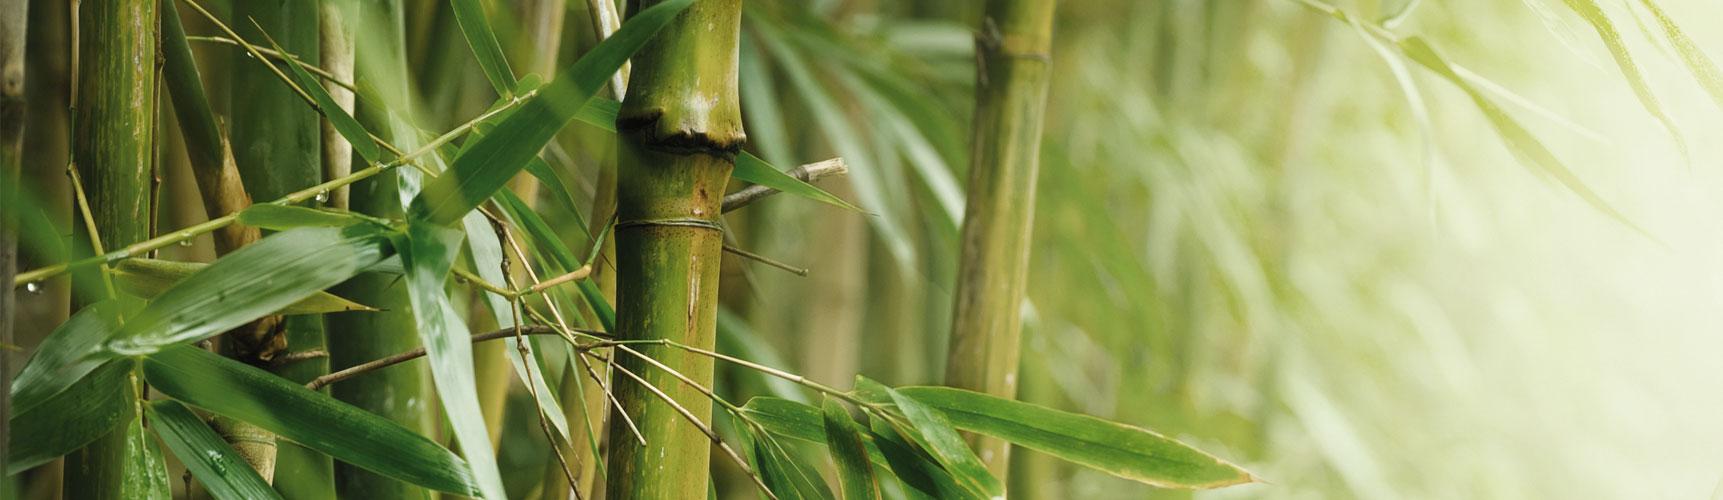 Bambus_1723x500